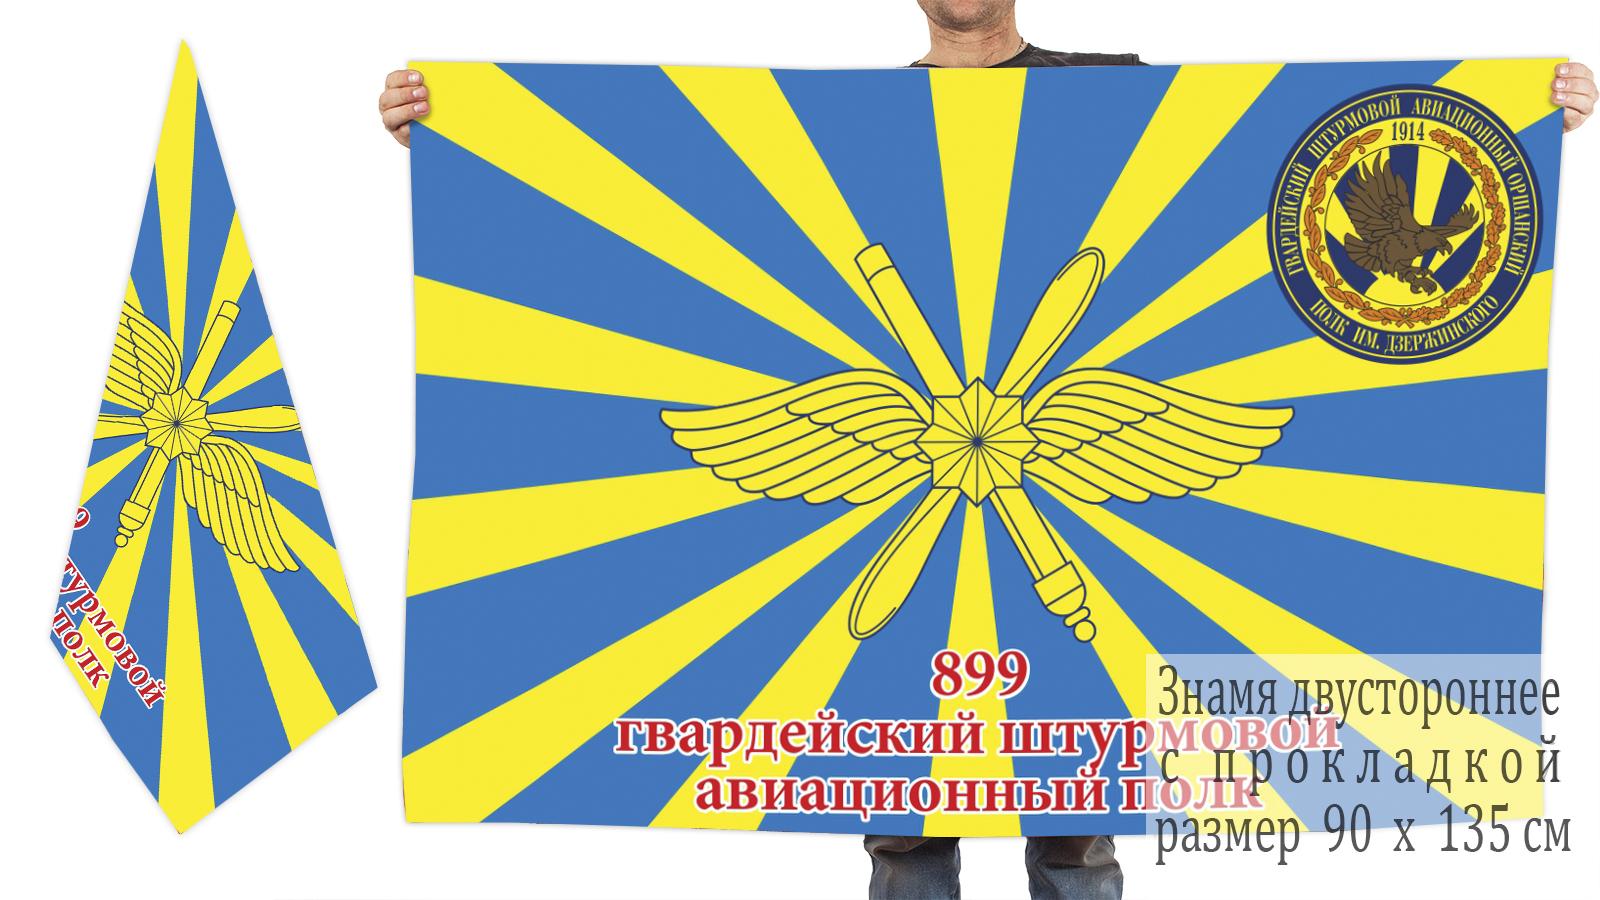 Двусторонний флаг 899 гвардейского штурмового авиаполка